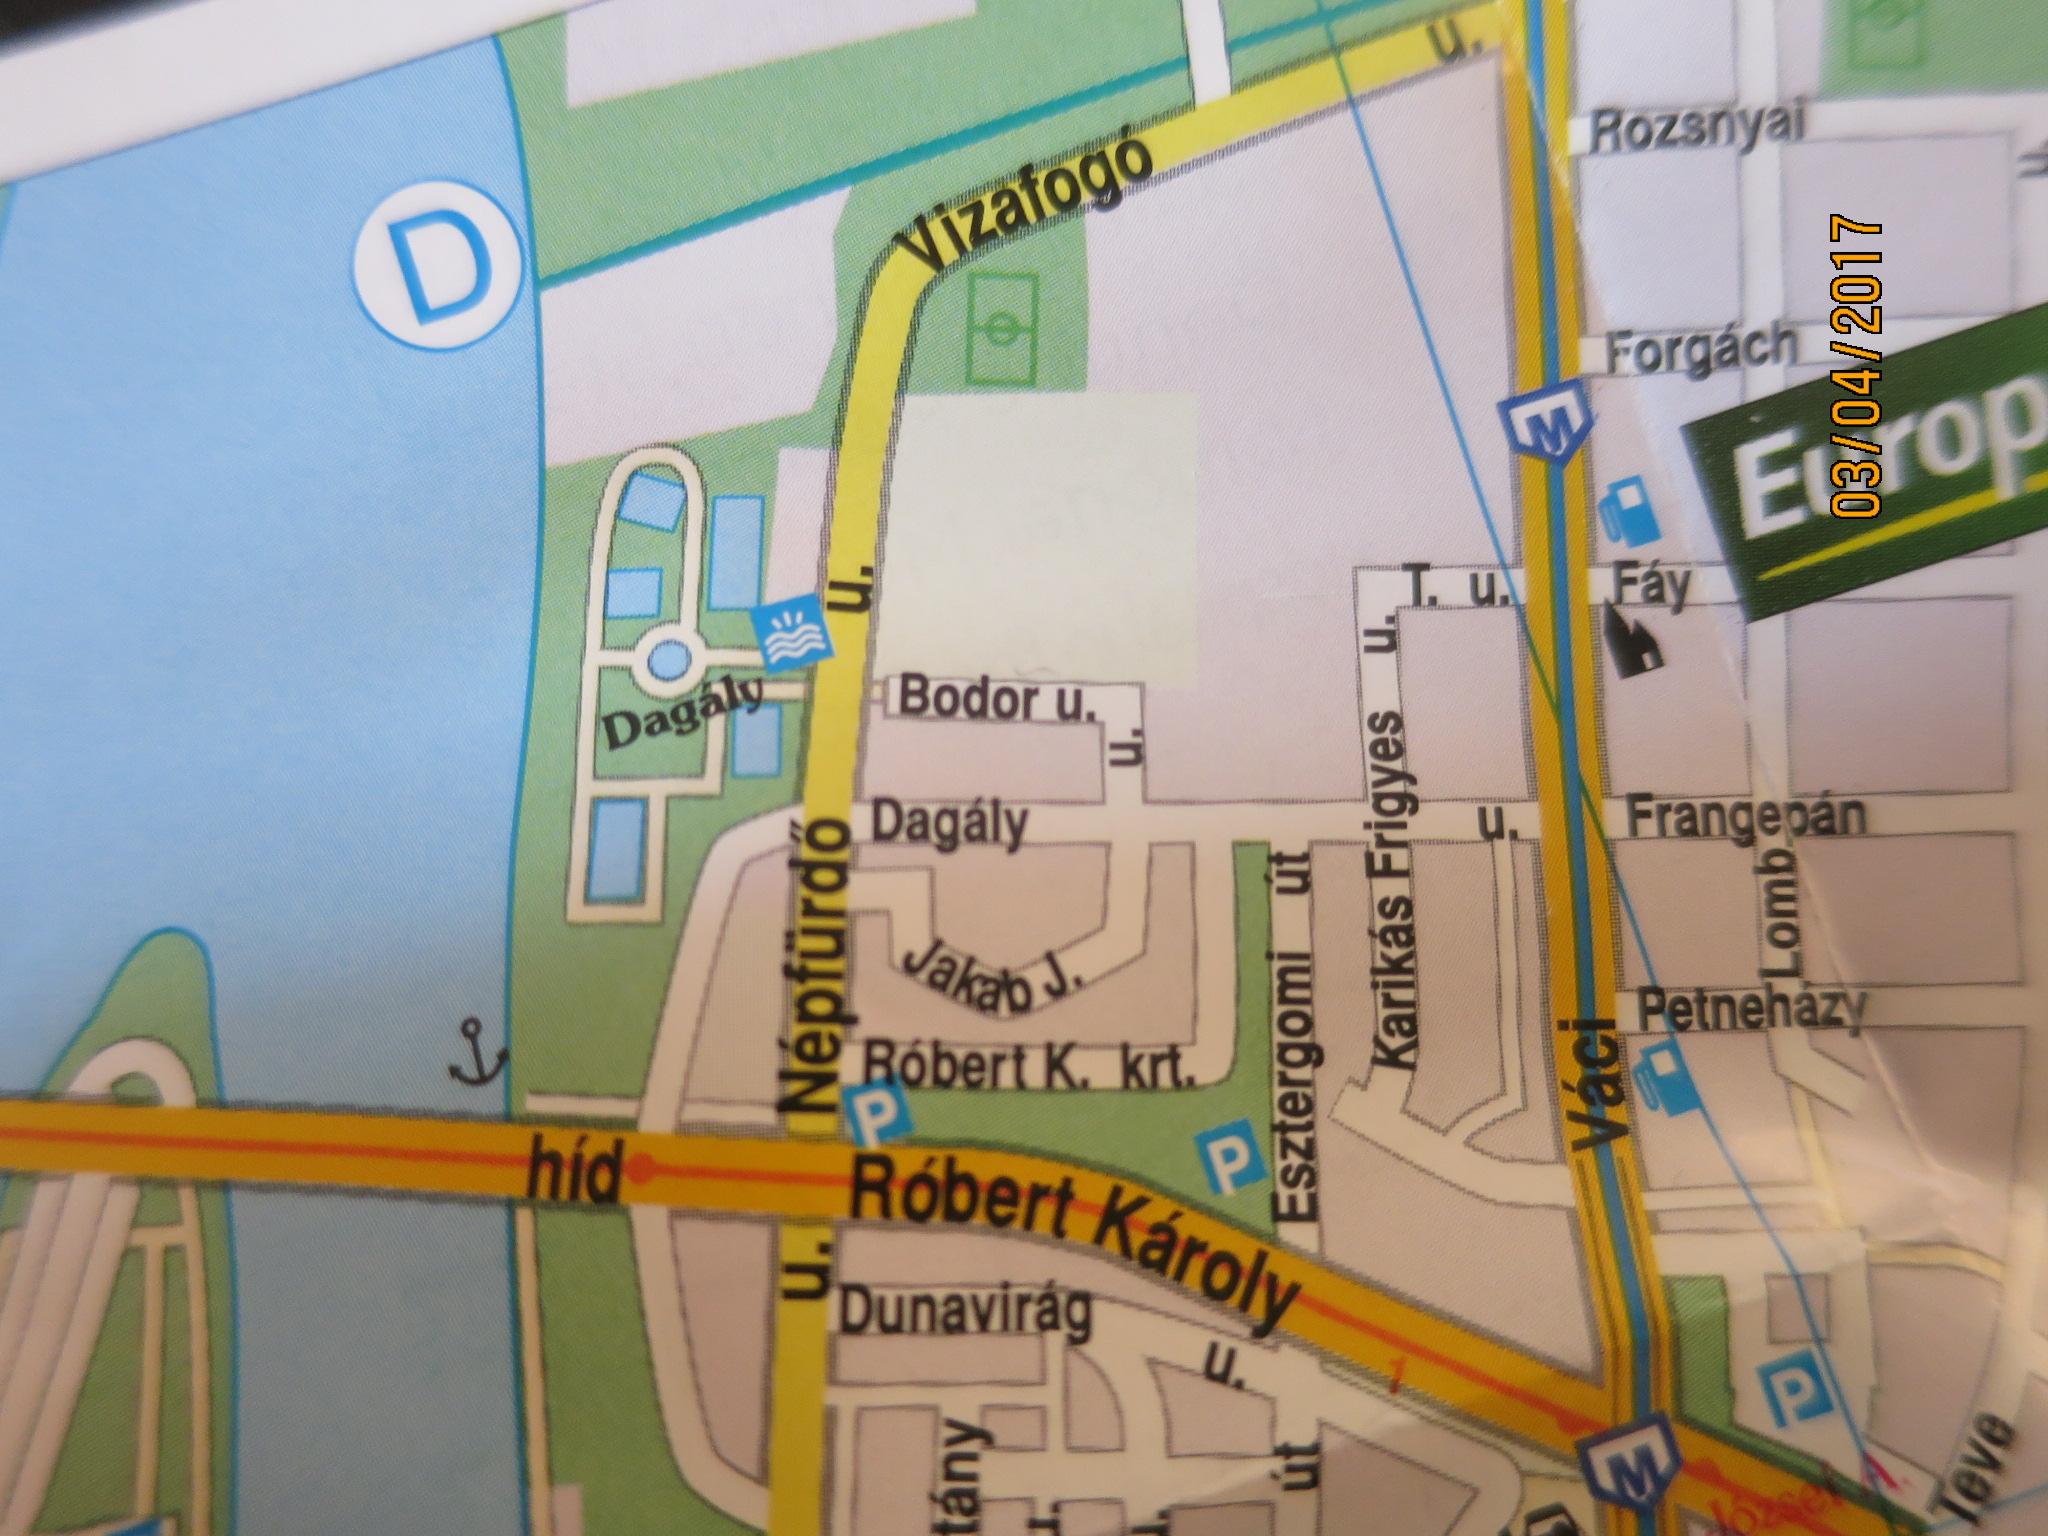 budapest térkép népliget buszpályaudvar A buta turista és a Budapest térkép   Városliget Barátai budapest térkép népliget buszpályaudvar